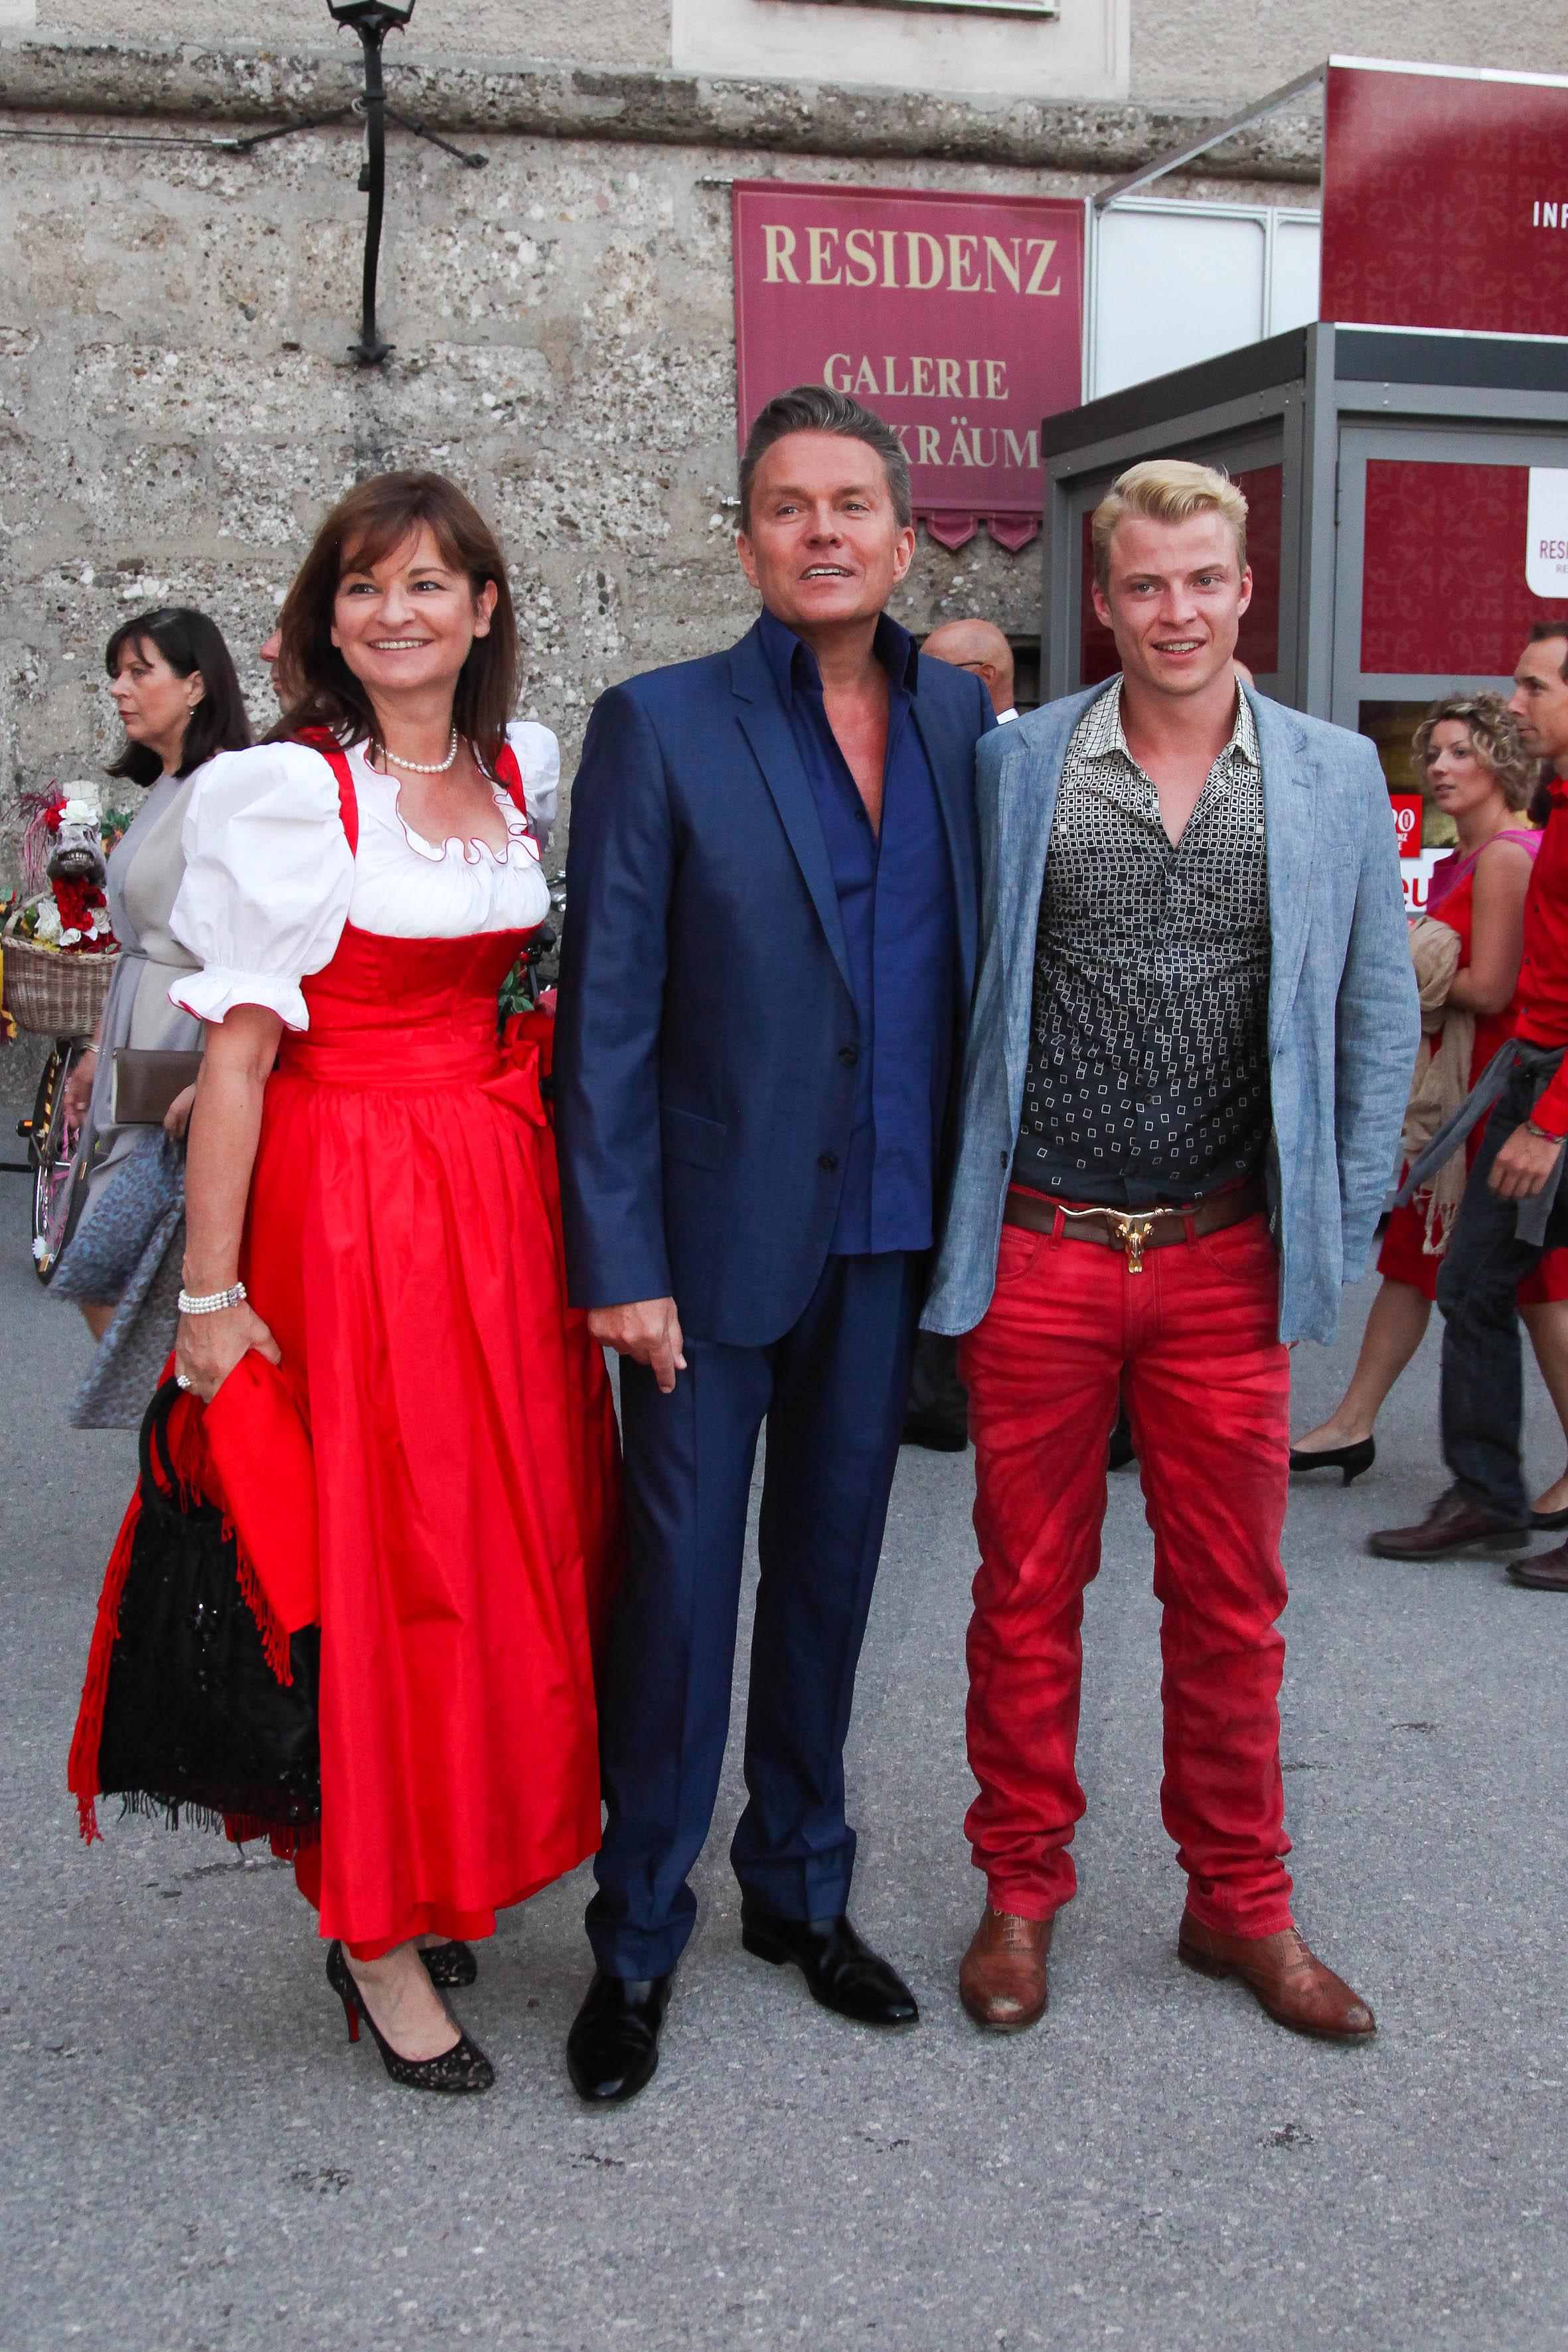 Salzburger Festspiele Jedermann Kleiderordnung